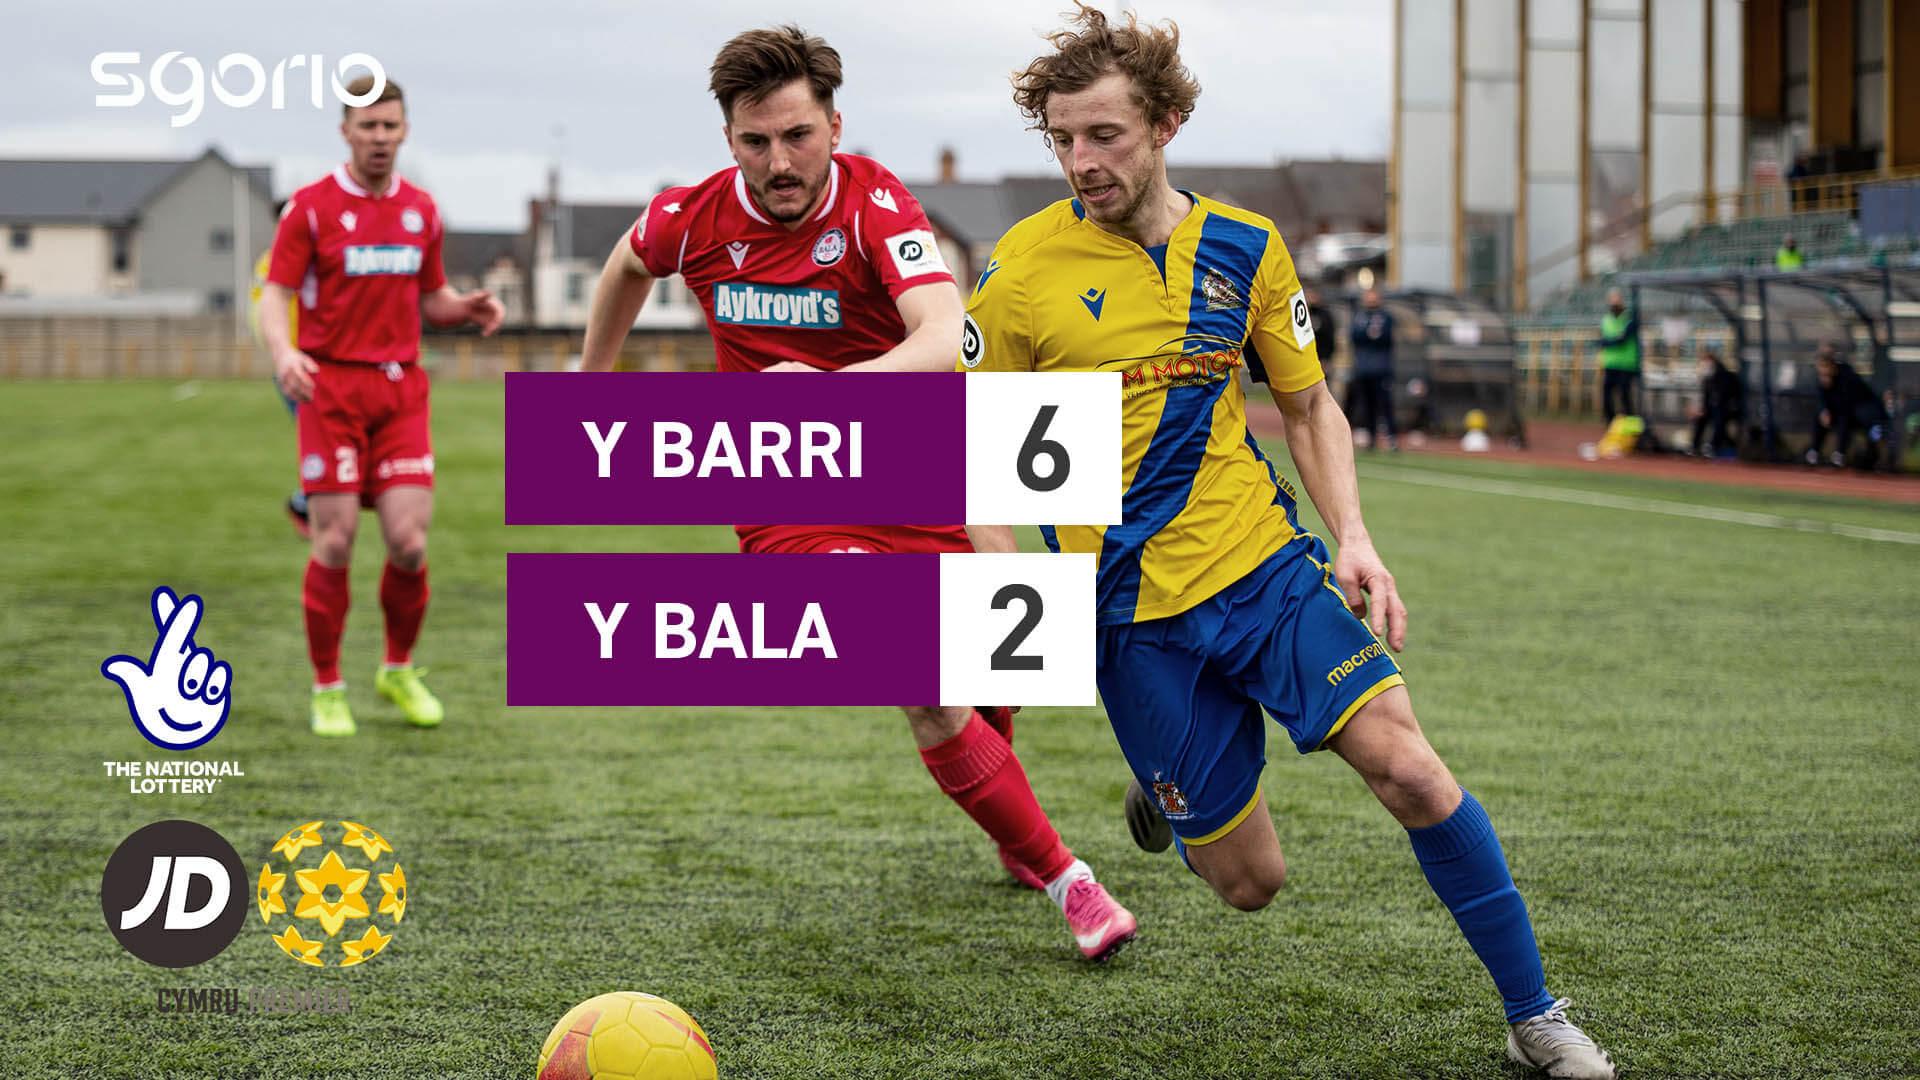 Y Barri 6-2 Y Bala